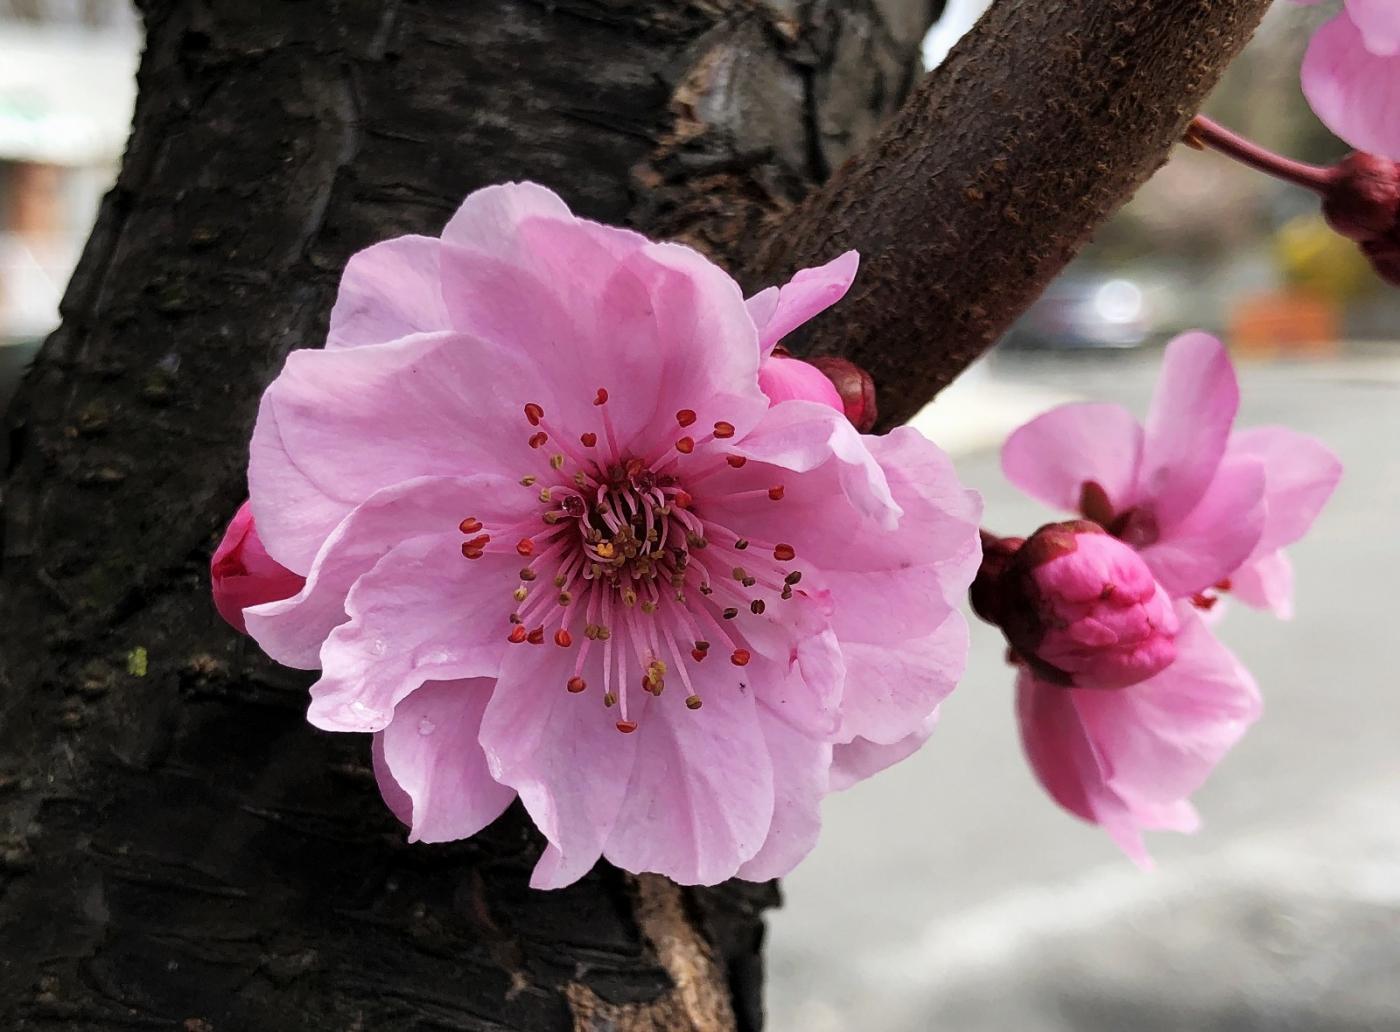 【田螺手机摄影】街口的杏花又开一年_图1-7